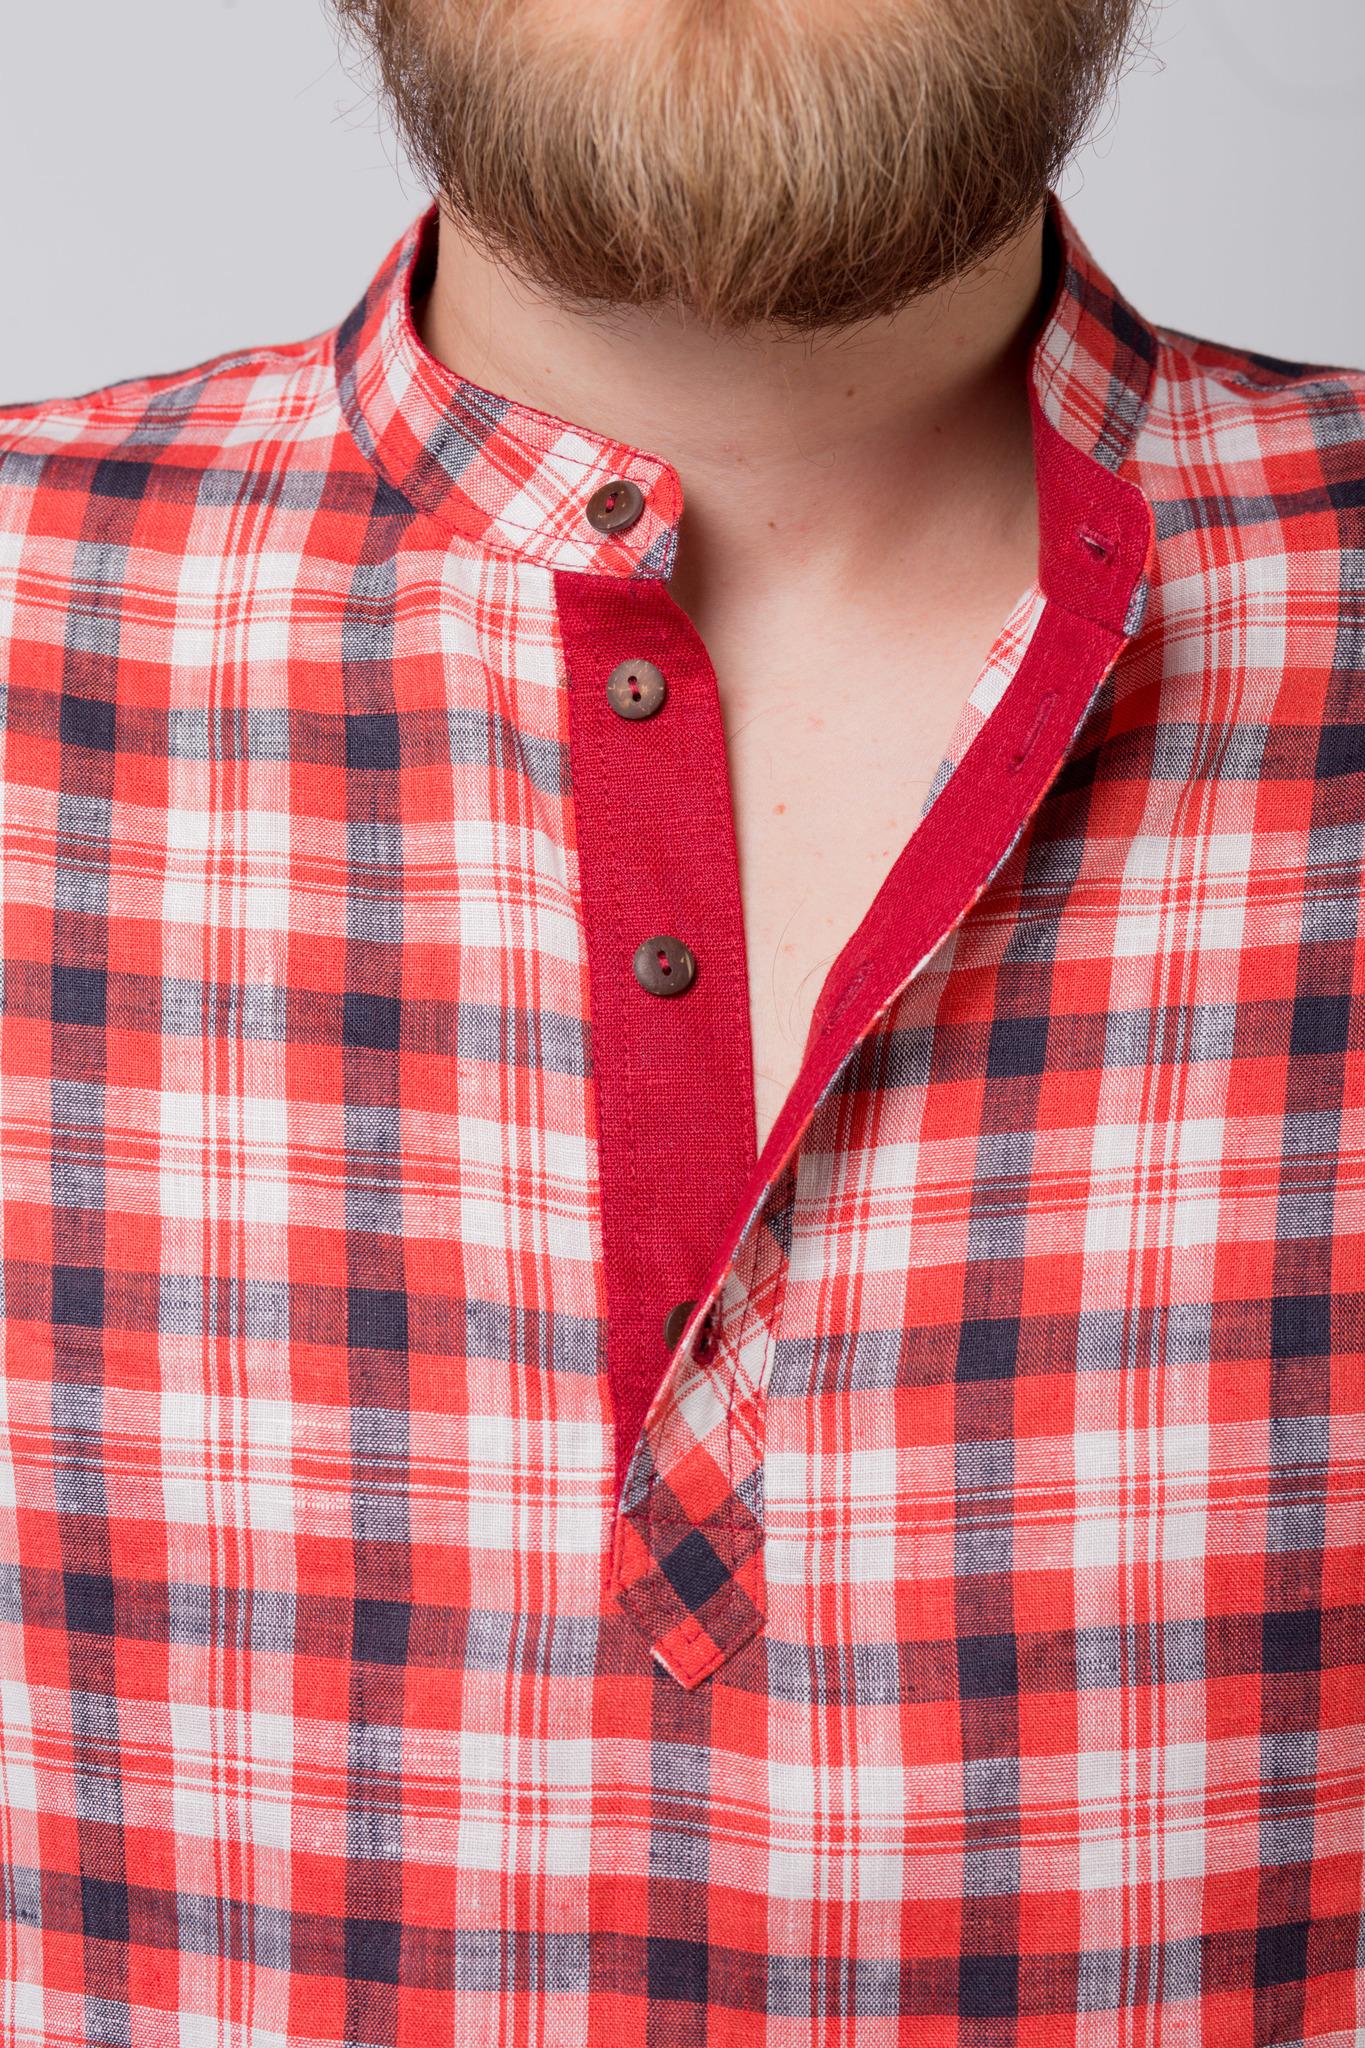 Рубашка льняная Амурская приближенный фрагмент